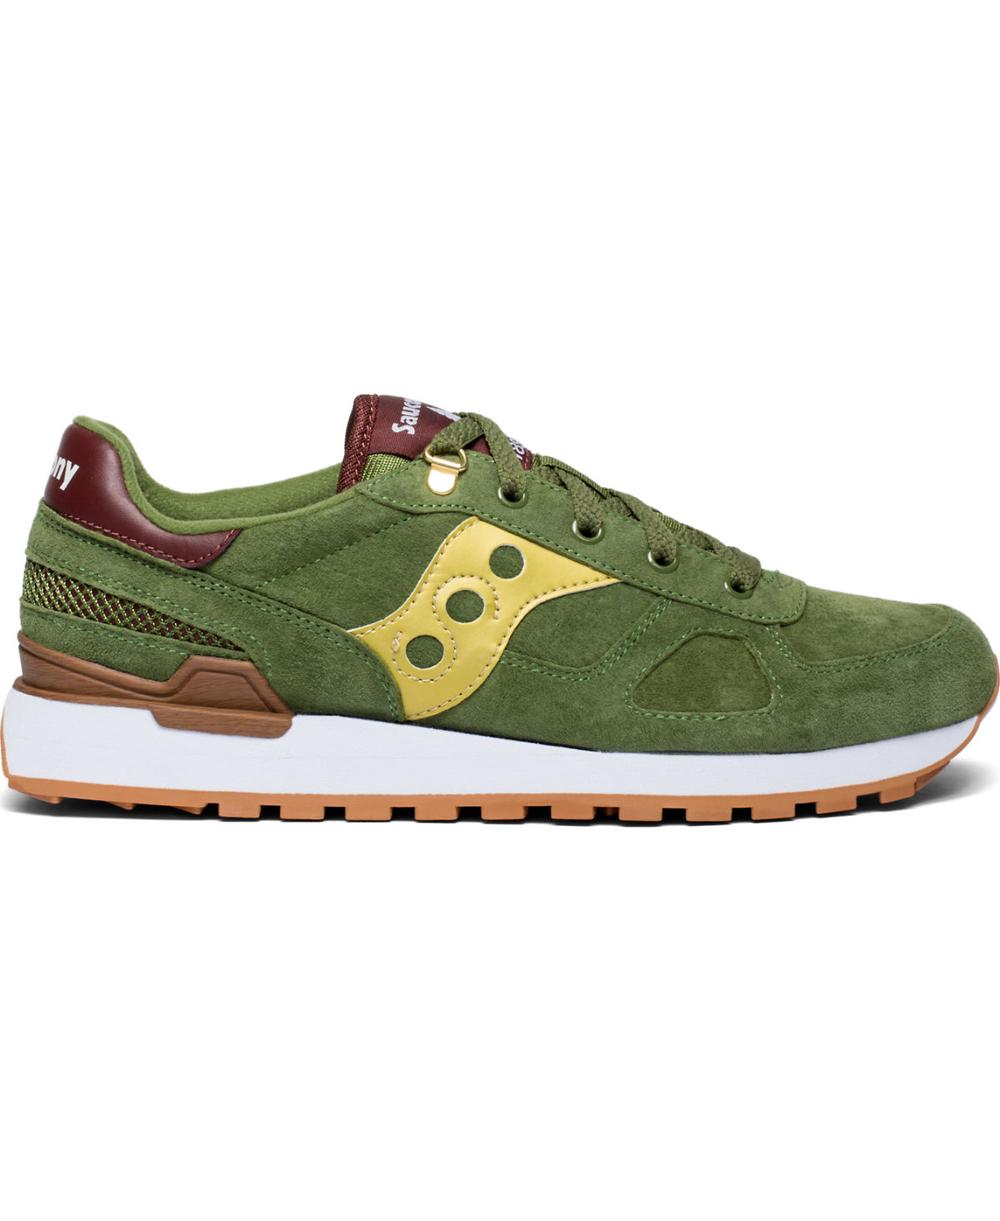 SAUCONY SHADOW ORIGINAL VERDE MENTA | Sneakers ❤ | Uñas